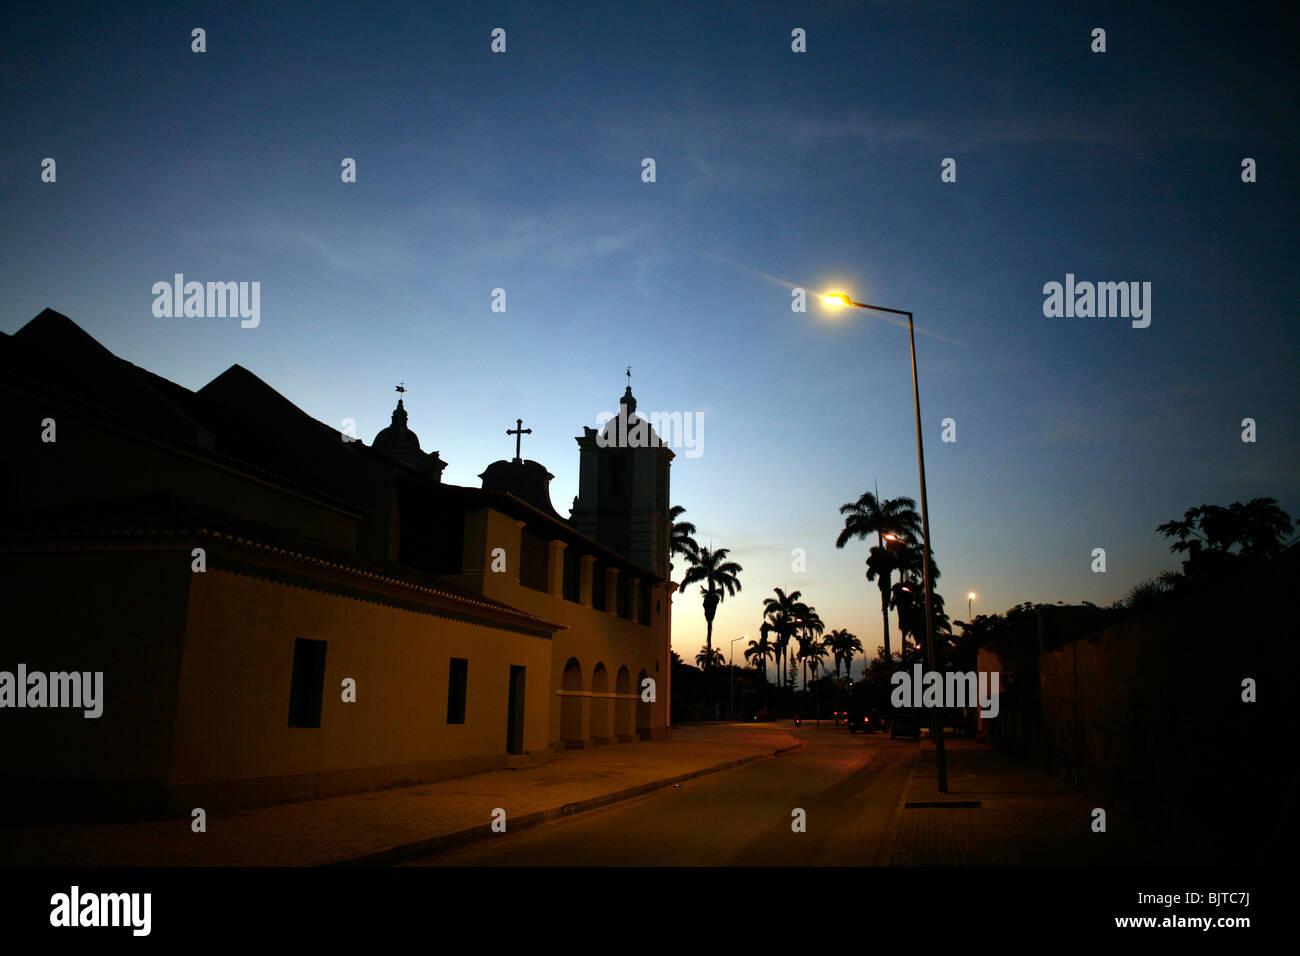 The church of our lady of Populo. Ingreja Da Nossa Senhora Do Populo. Benguela, Angola. Africa. - Stock Image